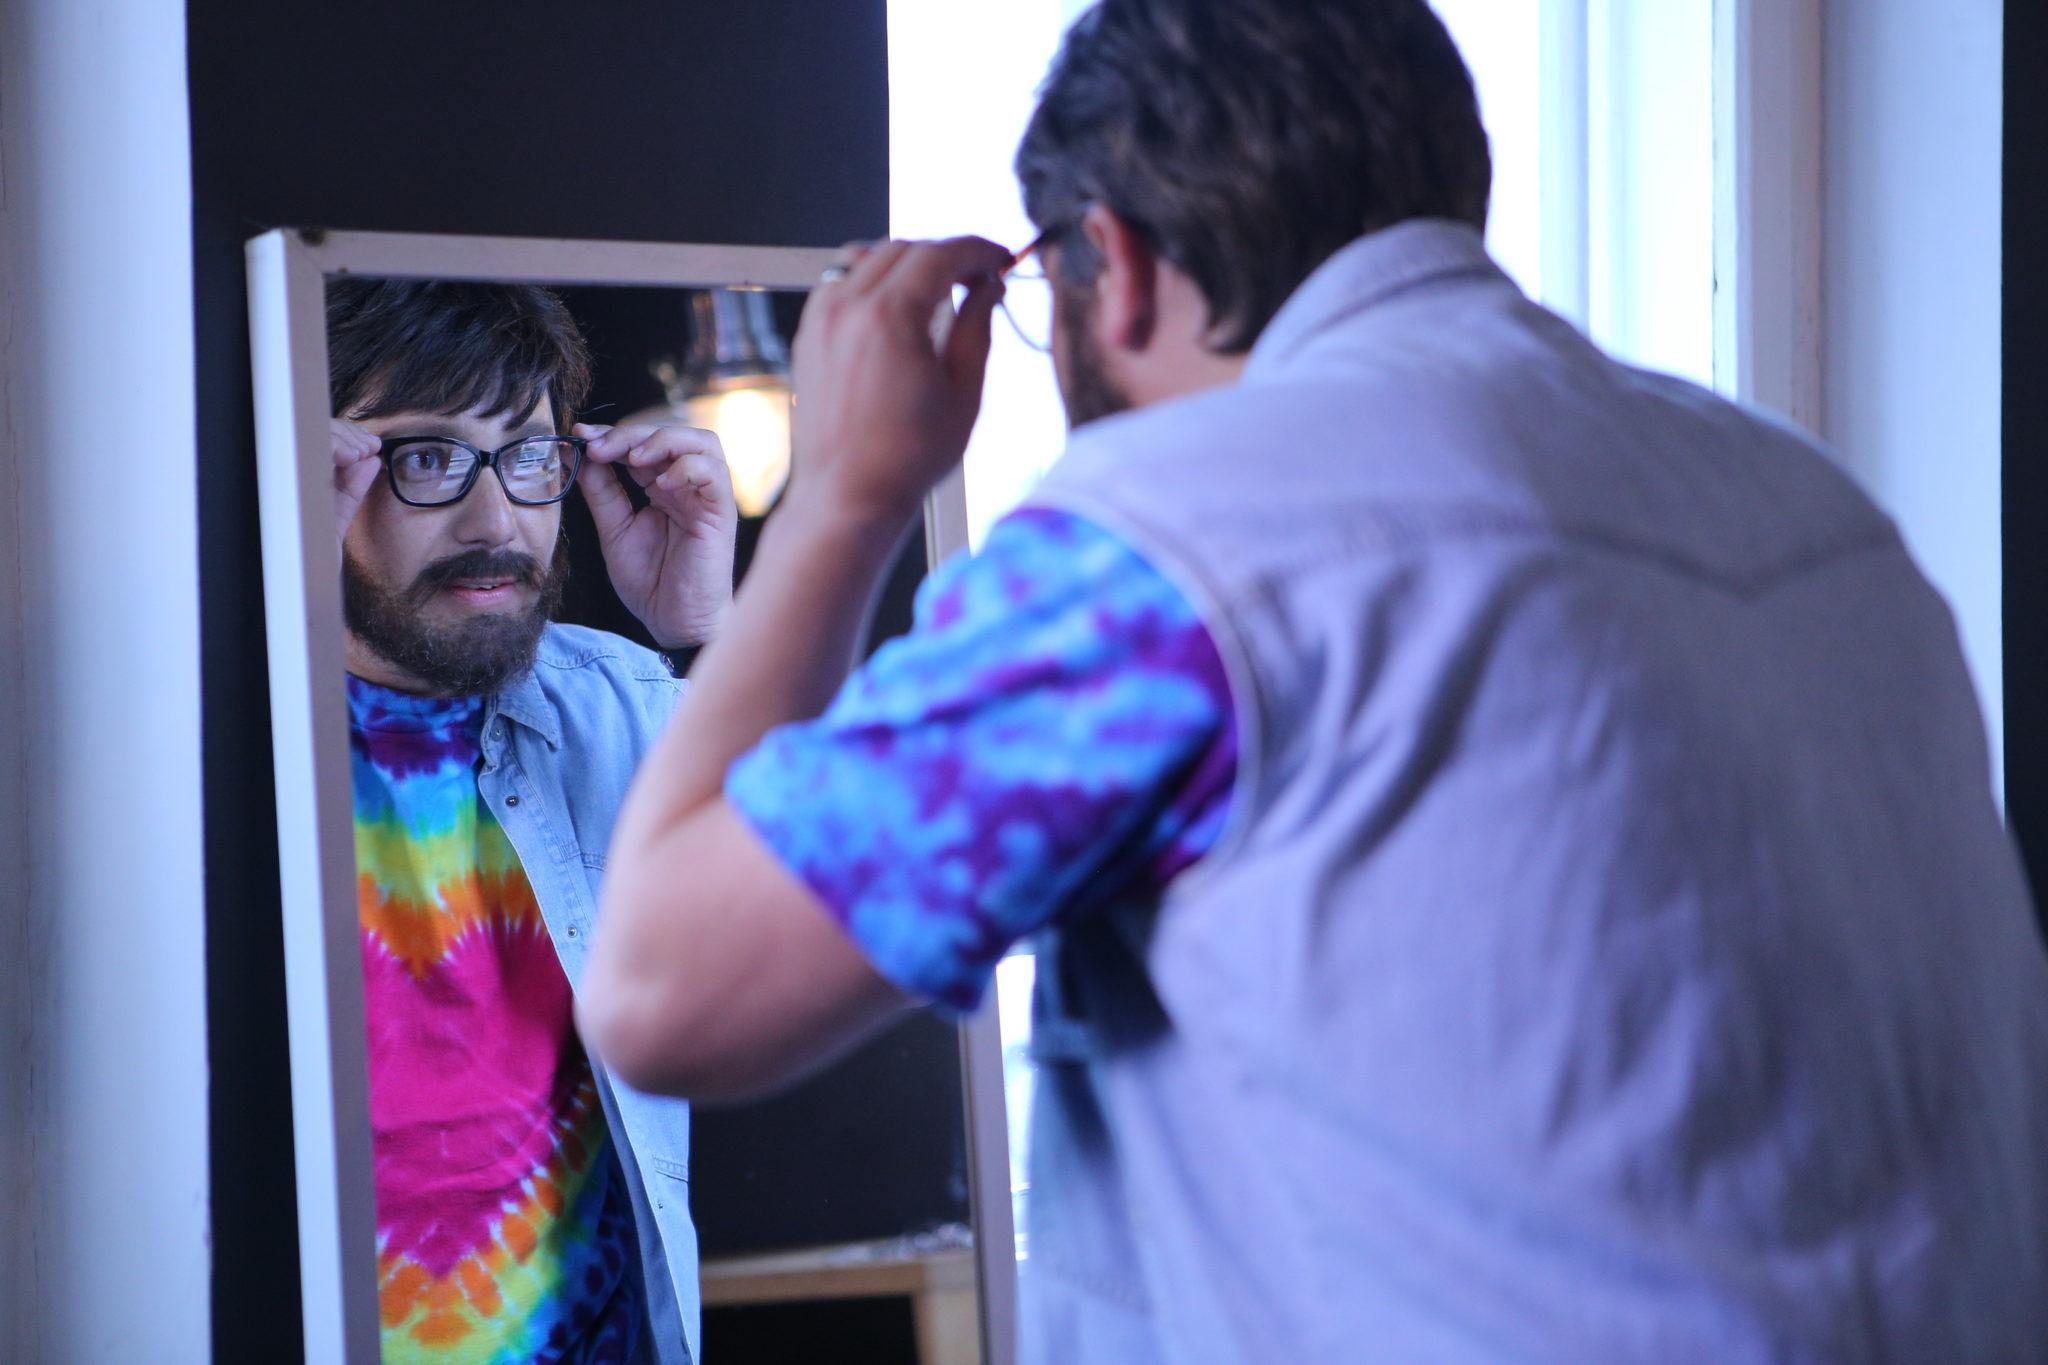 Bărbat cu ochelari care se uită în oglindă.